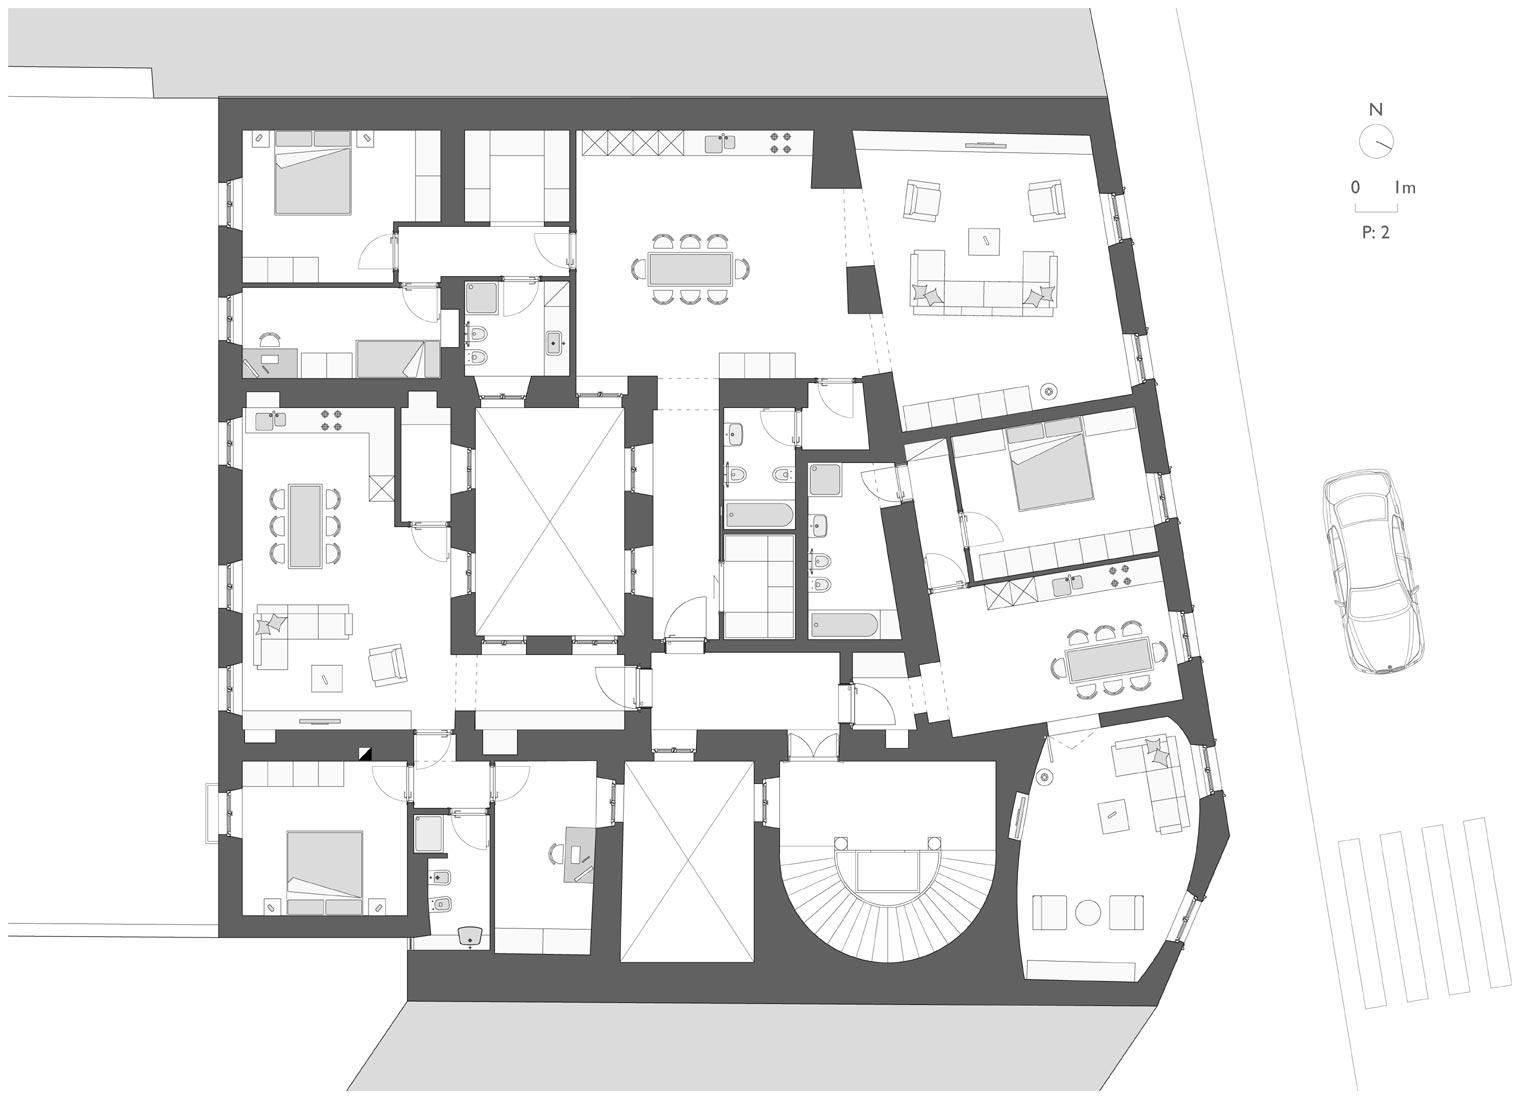 vk-architetti_venezia_plan